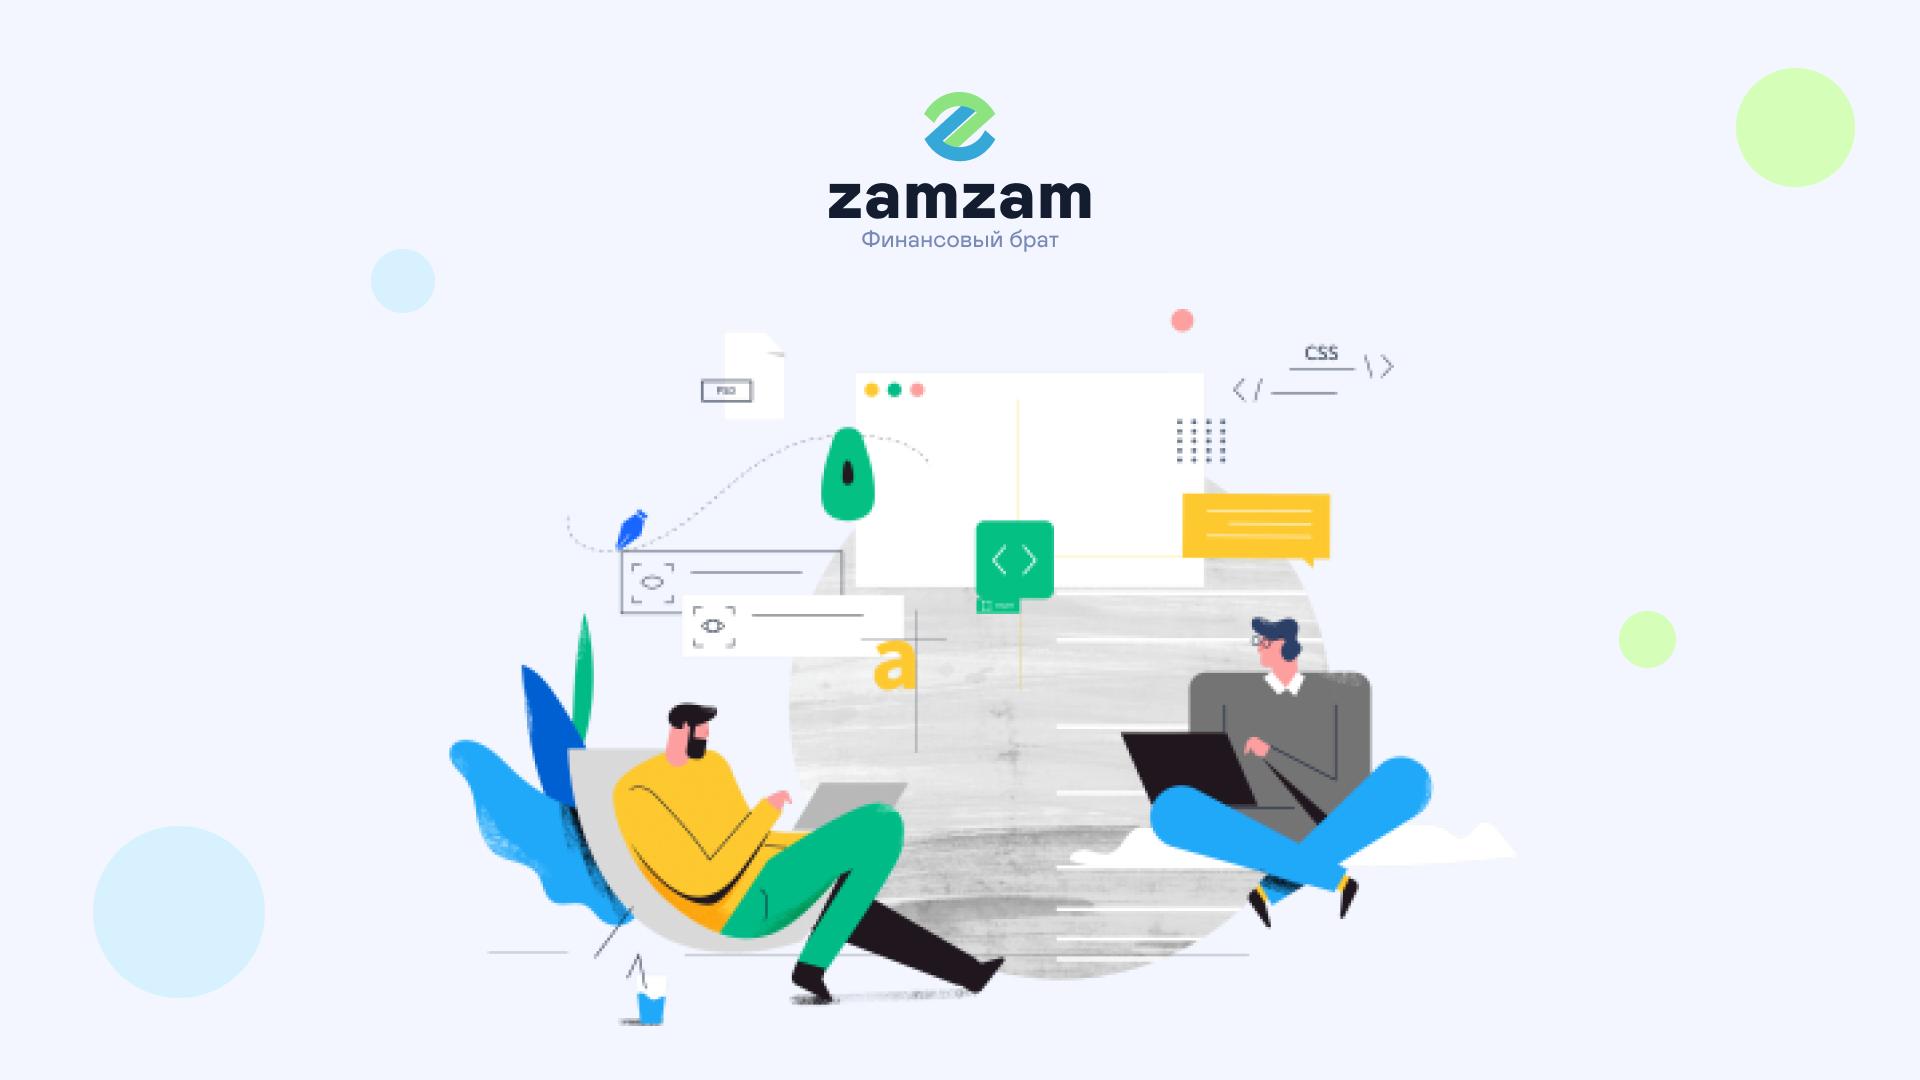 komanda razrabotchikov - Команда разработчиков Zamzam